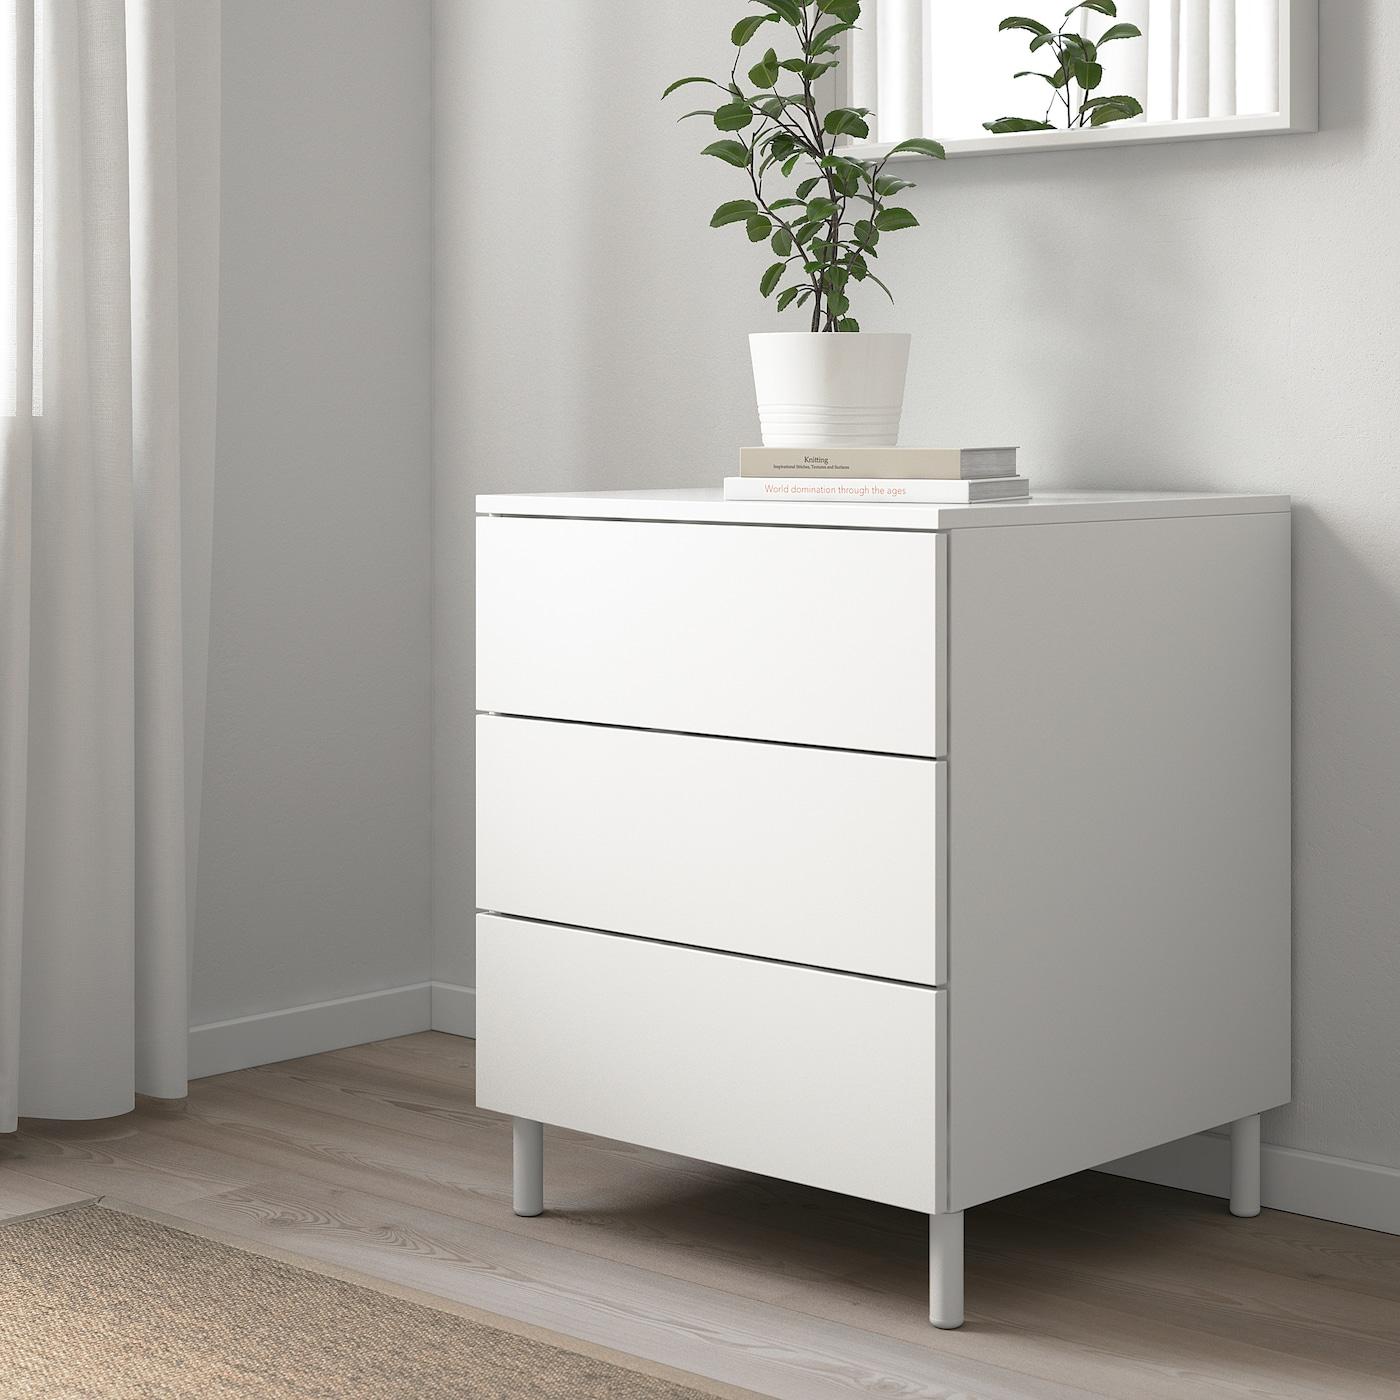 PLATSA 3-fiókos szekrény, fehér/Fonnes fehér, 60x57x73 cm